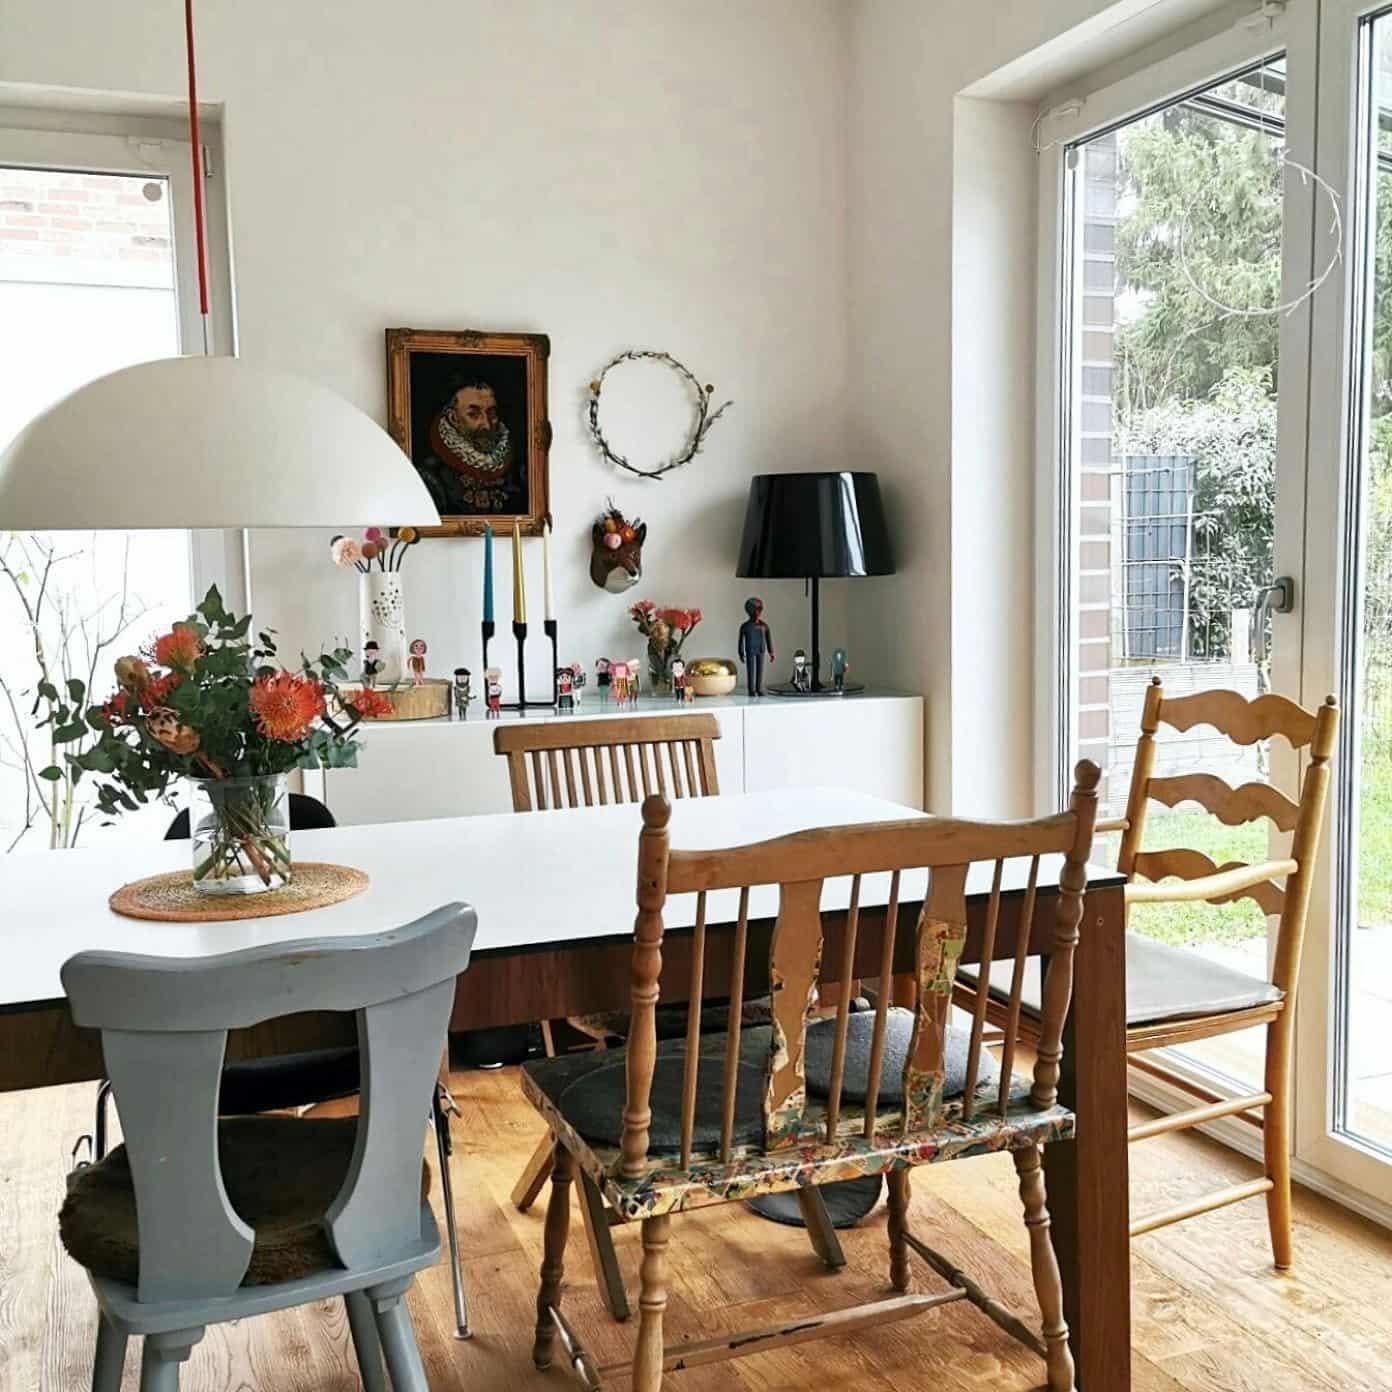 Full Size of Ikea Hack Sitzbank Esszimmer Ideen So Setzt Du Das Mbelstck In Szene Schlafzimmer Küche Kaufen Sofa Mit Schlaffunktion Garten Bad Kosten Lehne Bett Wohnzimmer Ikea Hack Sitzbank Esszimmer